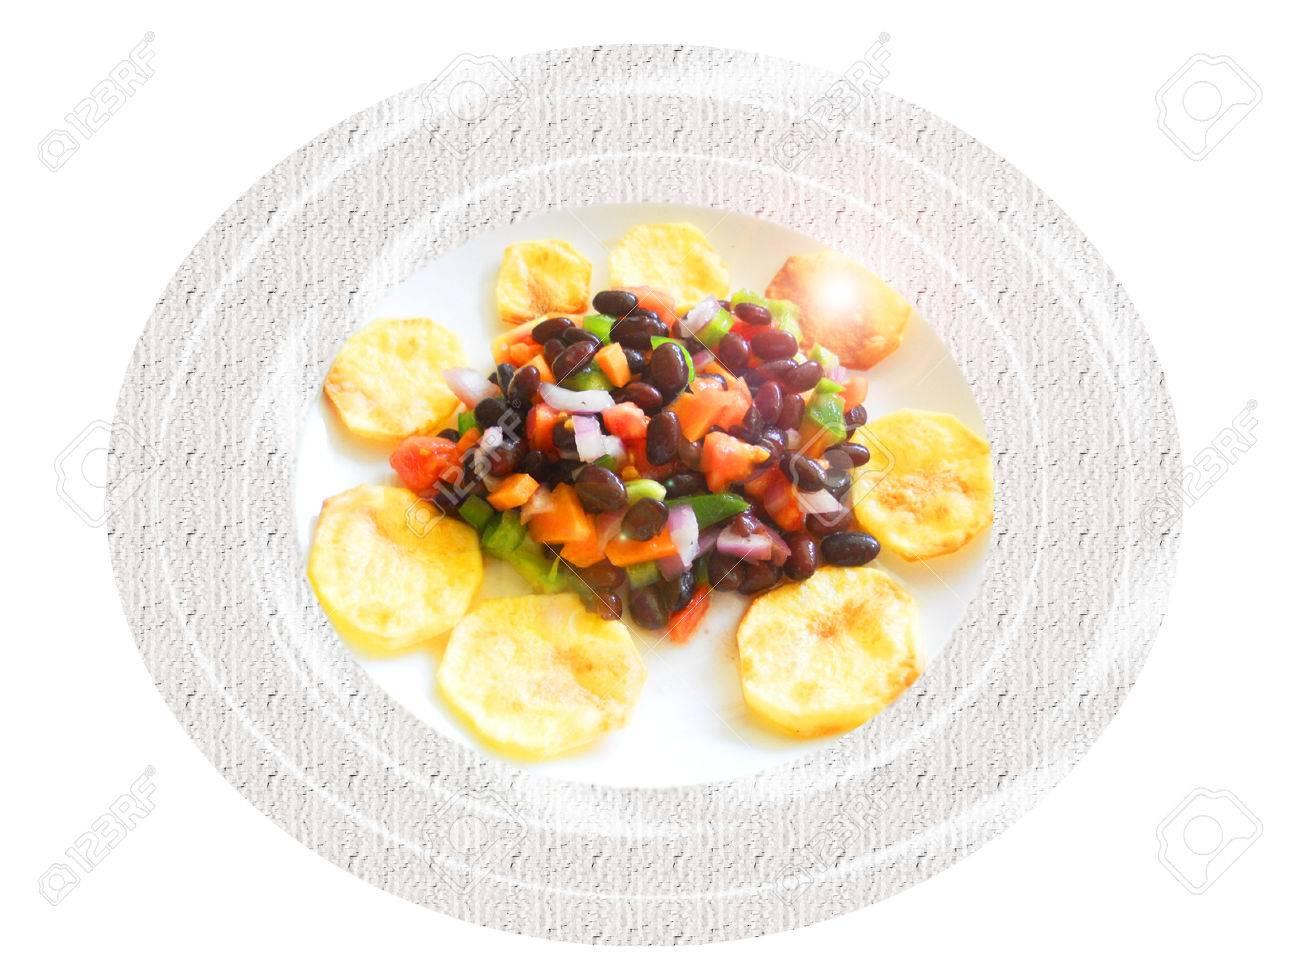 Black bean salad with baked potatoes. Composition Foto de archivo - 39366284